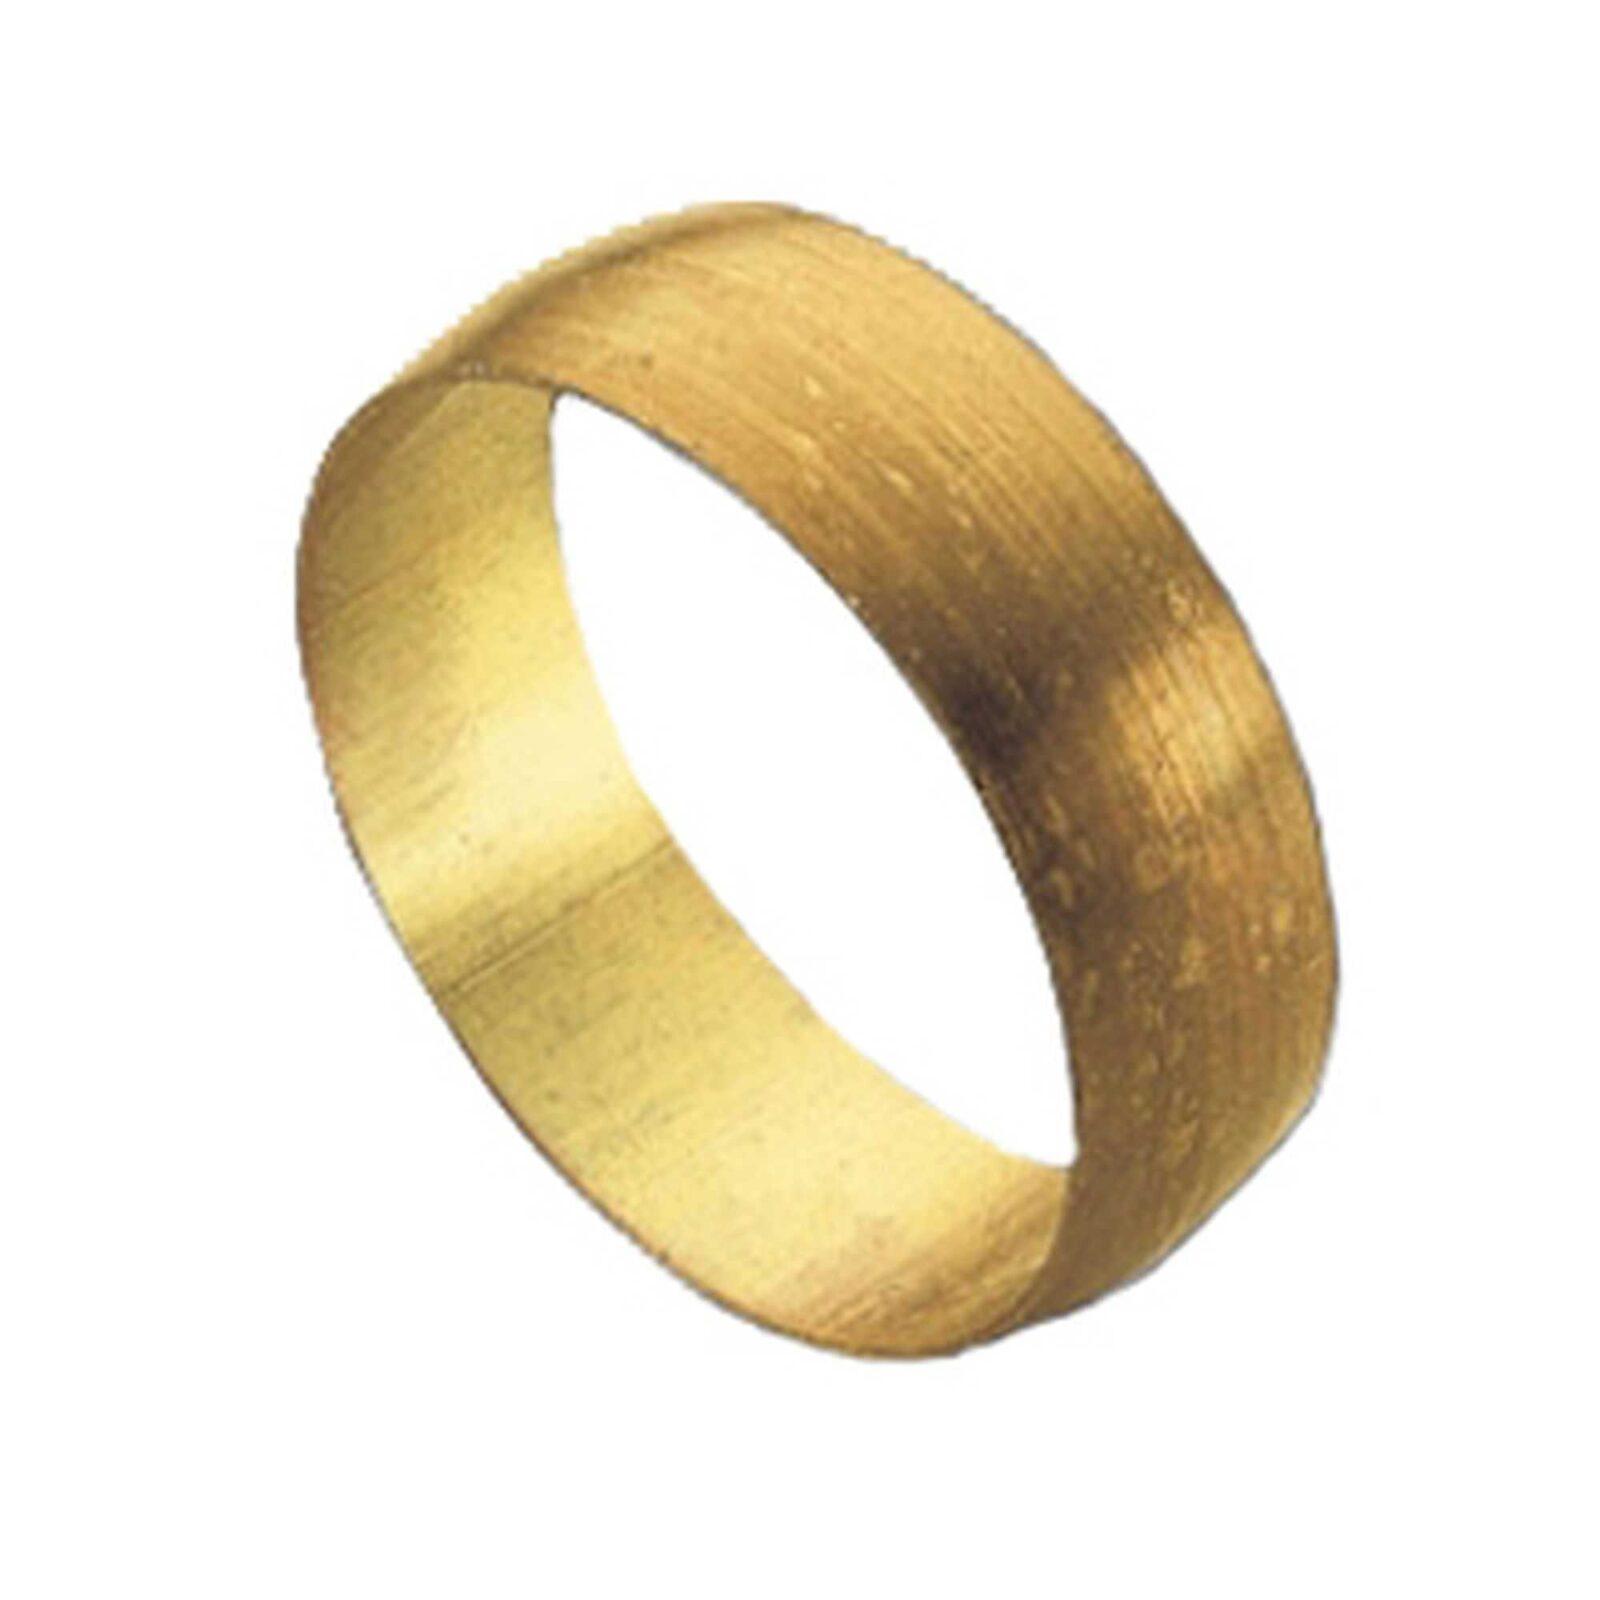 Кольцо 18 мм